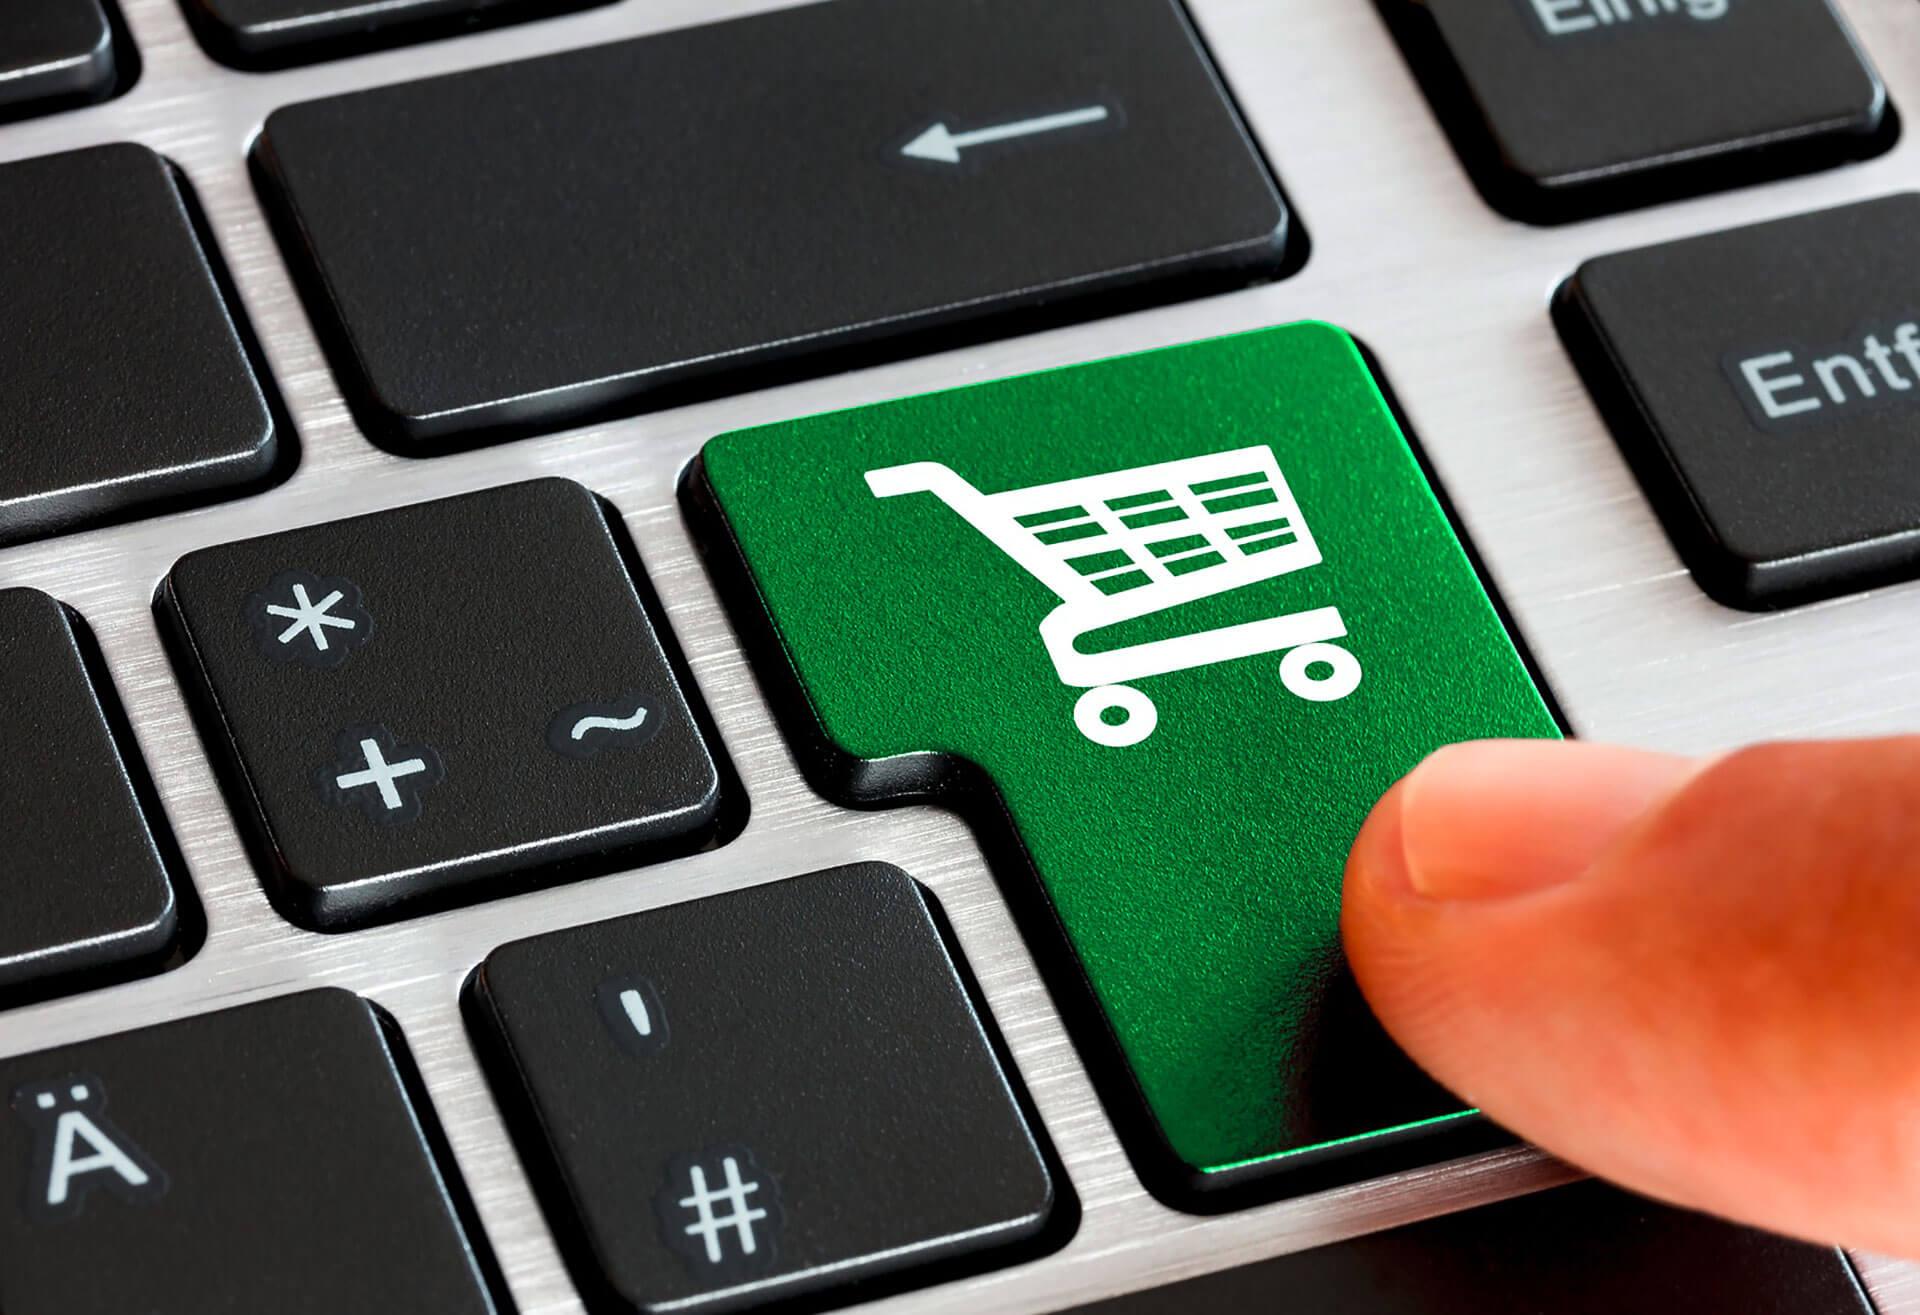 Blogeintrag shopify